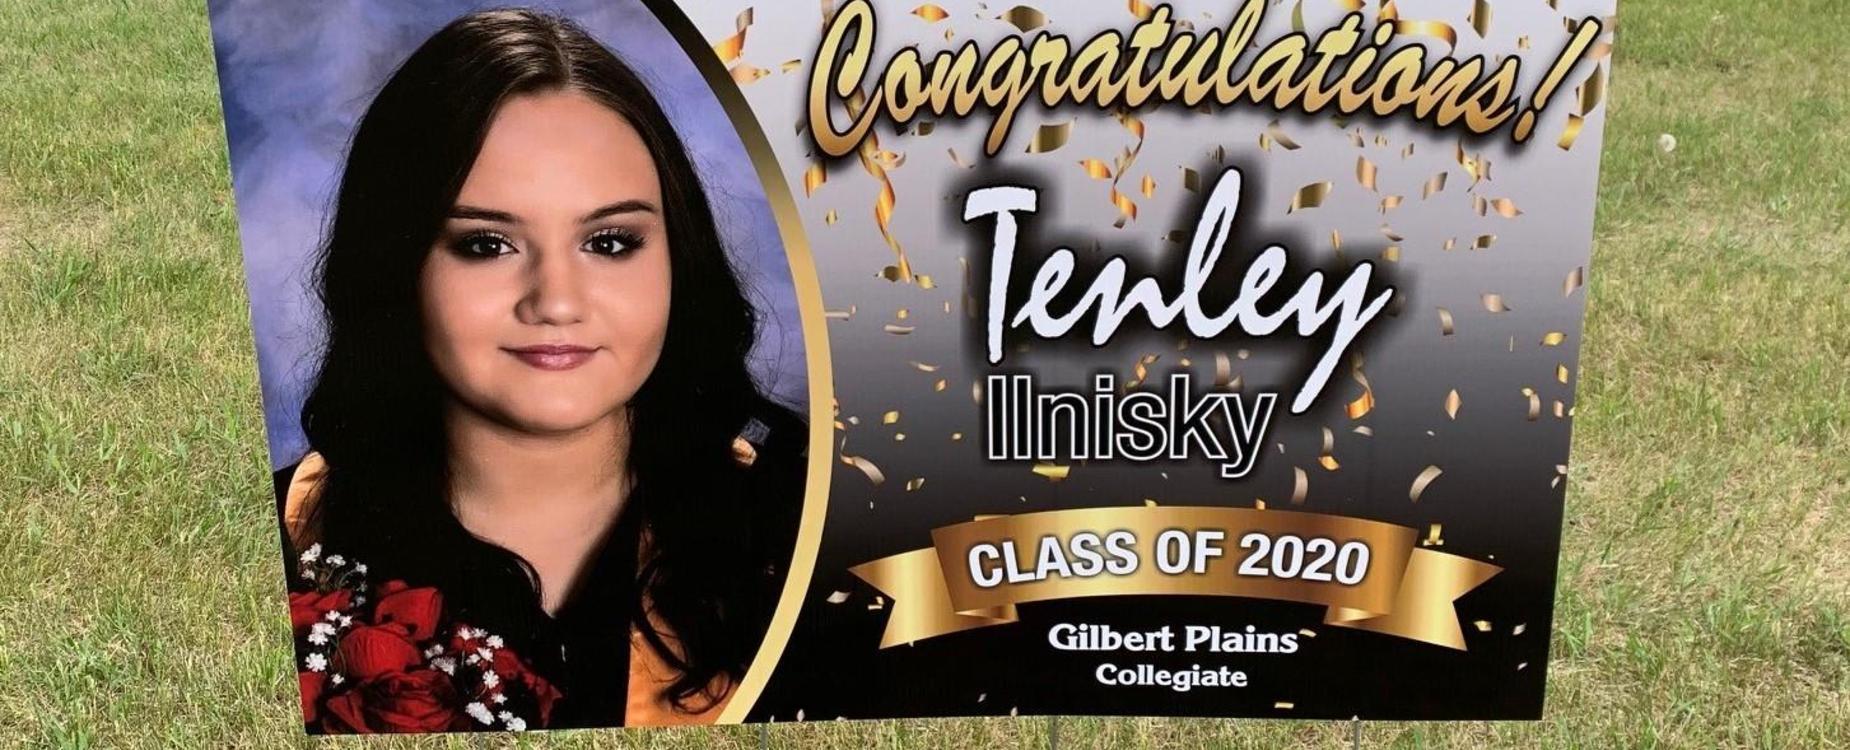 Tenley Ilinsky